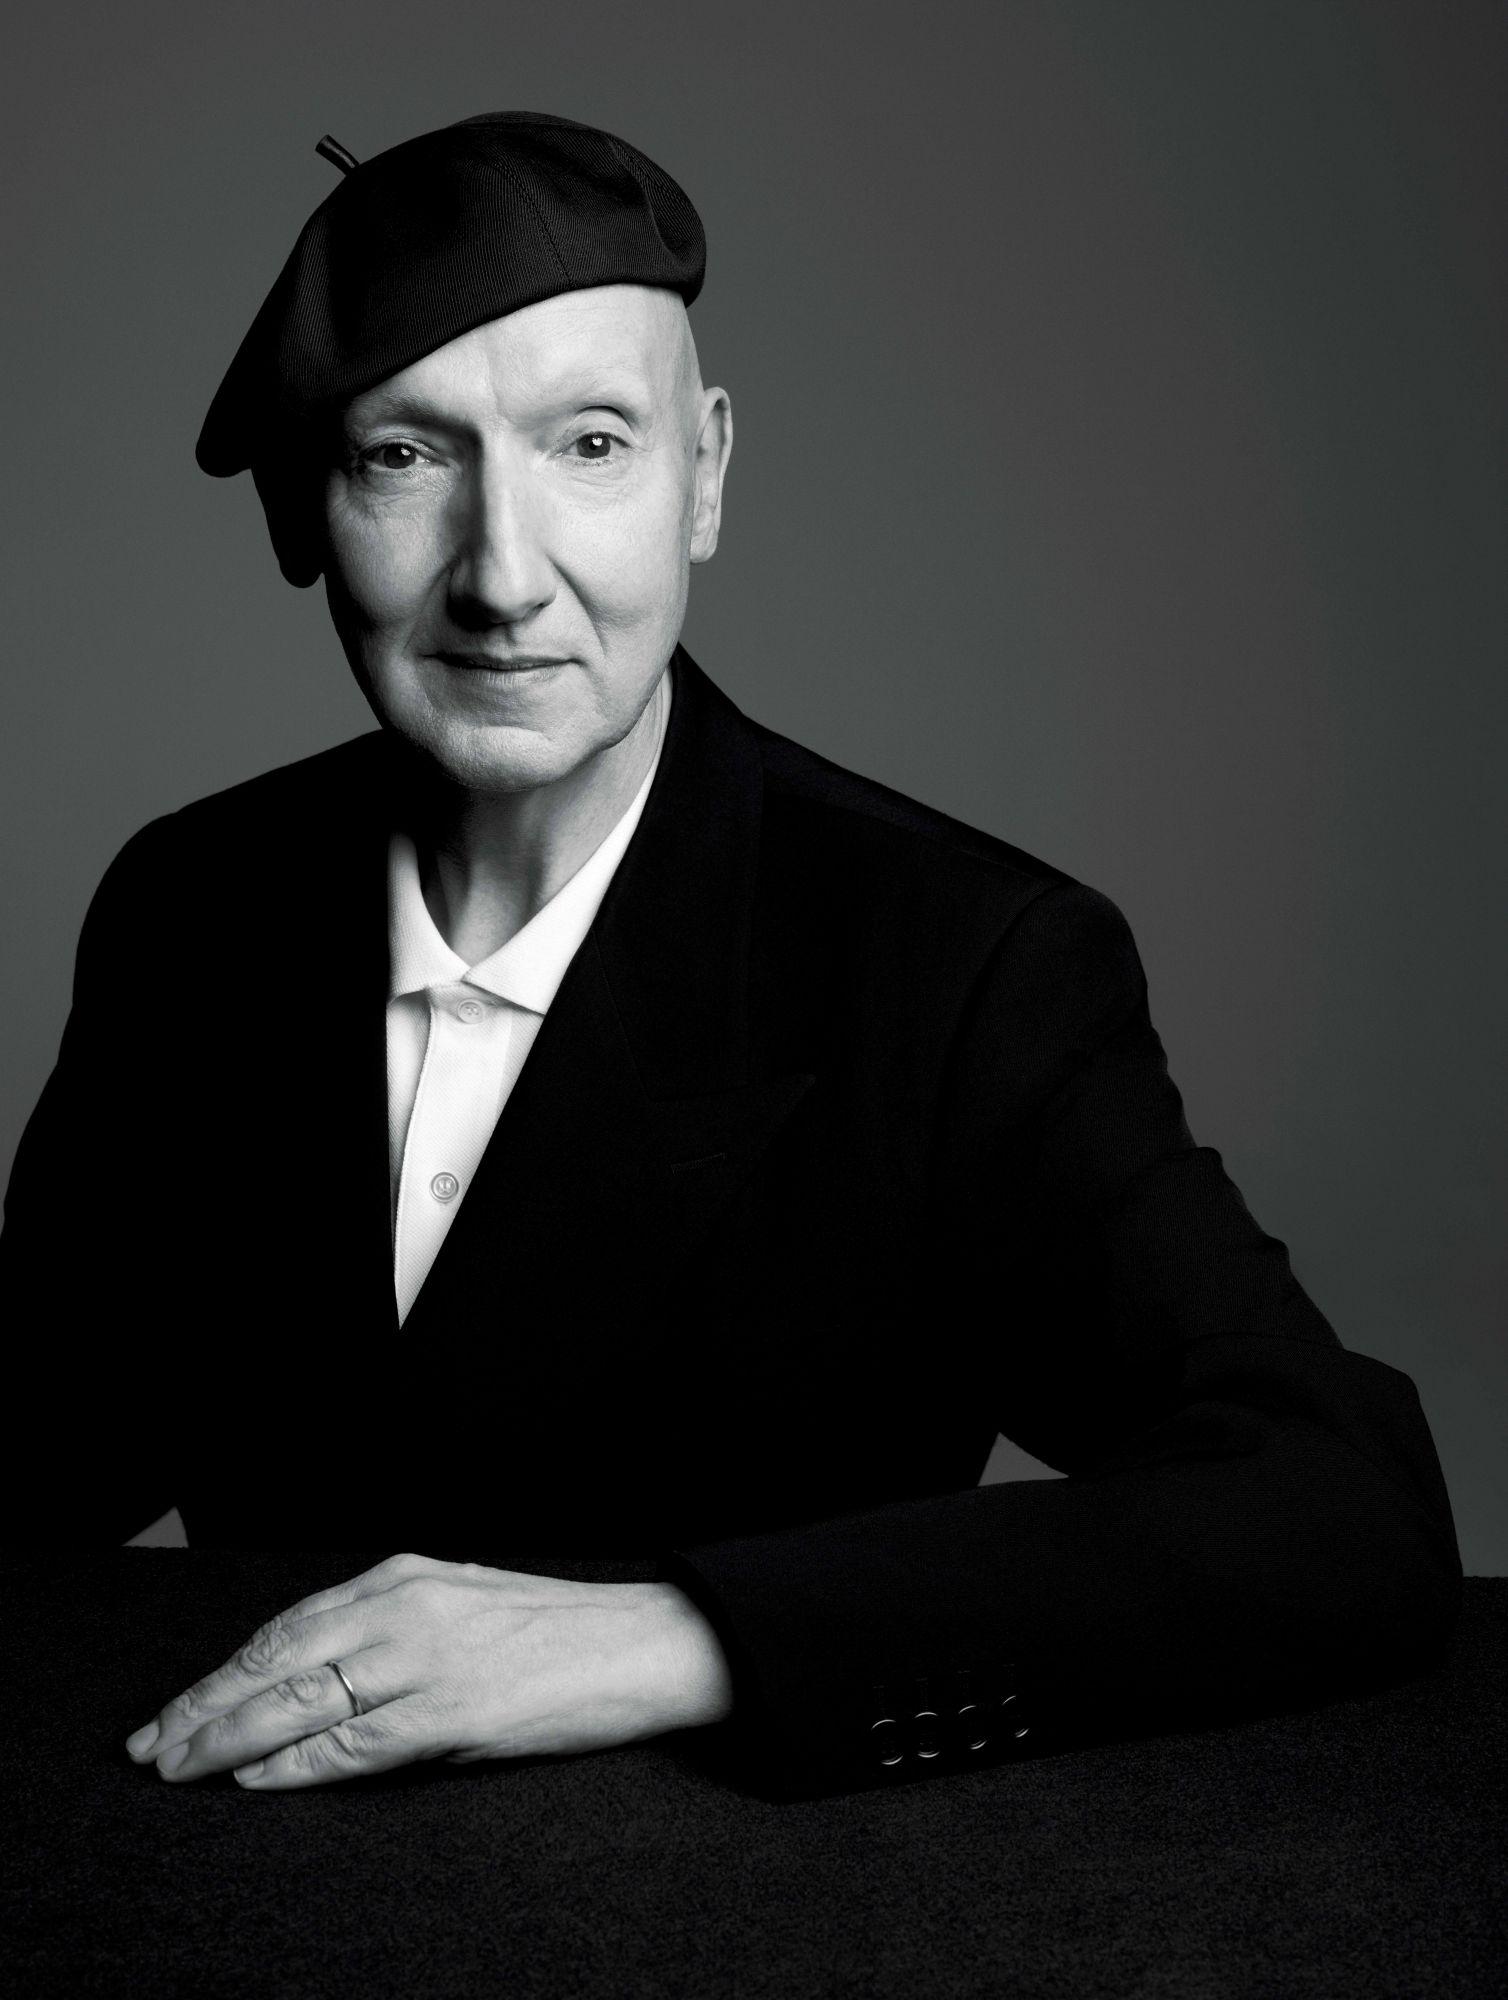 擔任Christian Dior官方製帽師24年的時尚「帽神」——英國製帽大師Stephen Jones